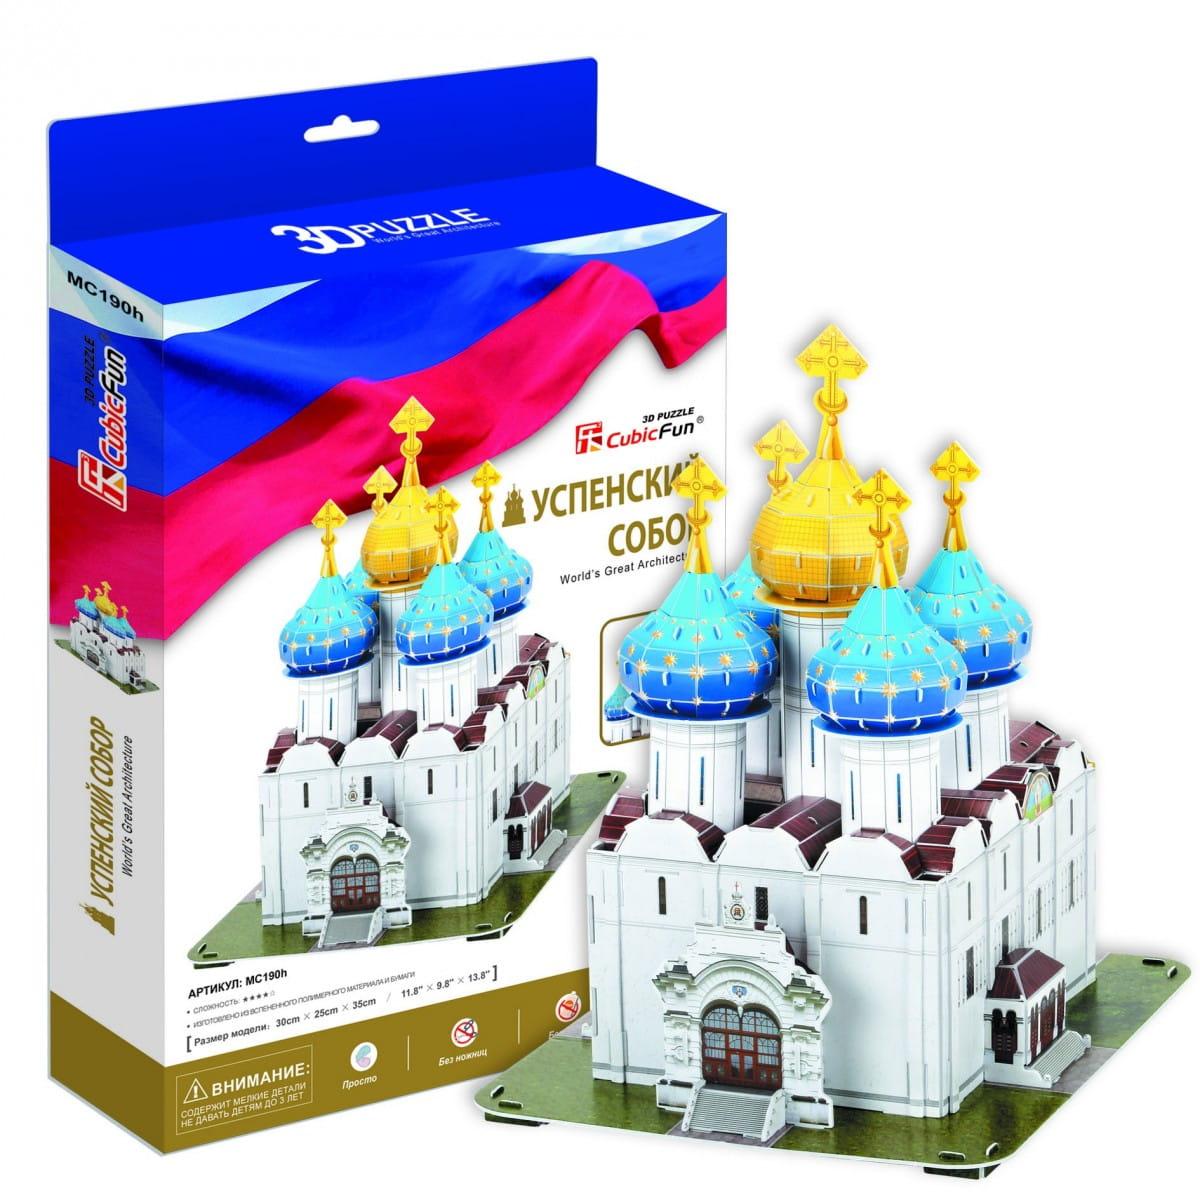 Объемный 3D пазл CUBICFUN Успенский собор - Троице-Сергиева Лавра (Россия)